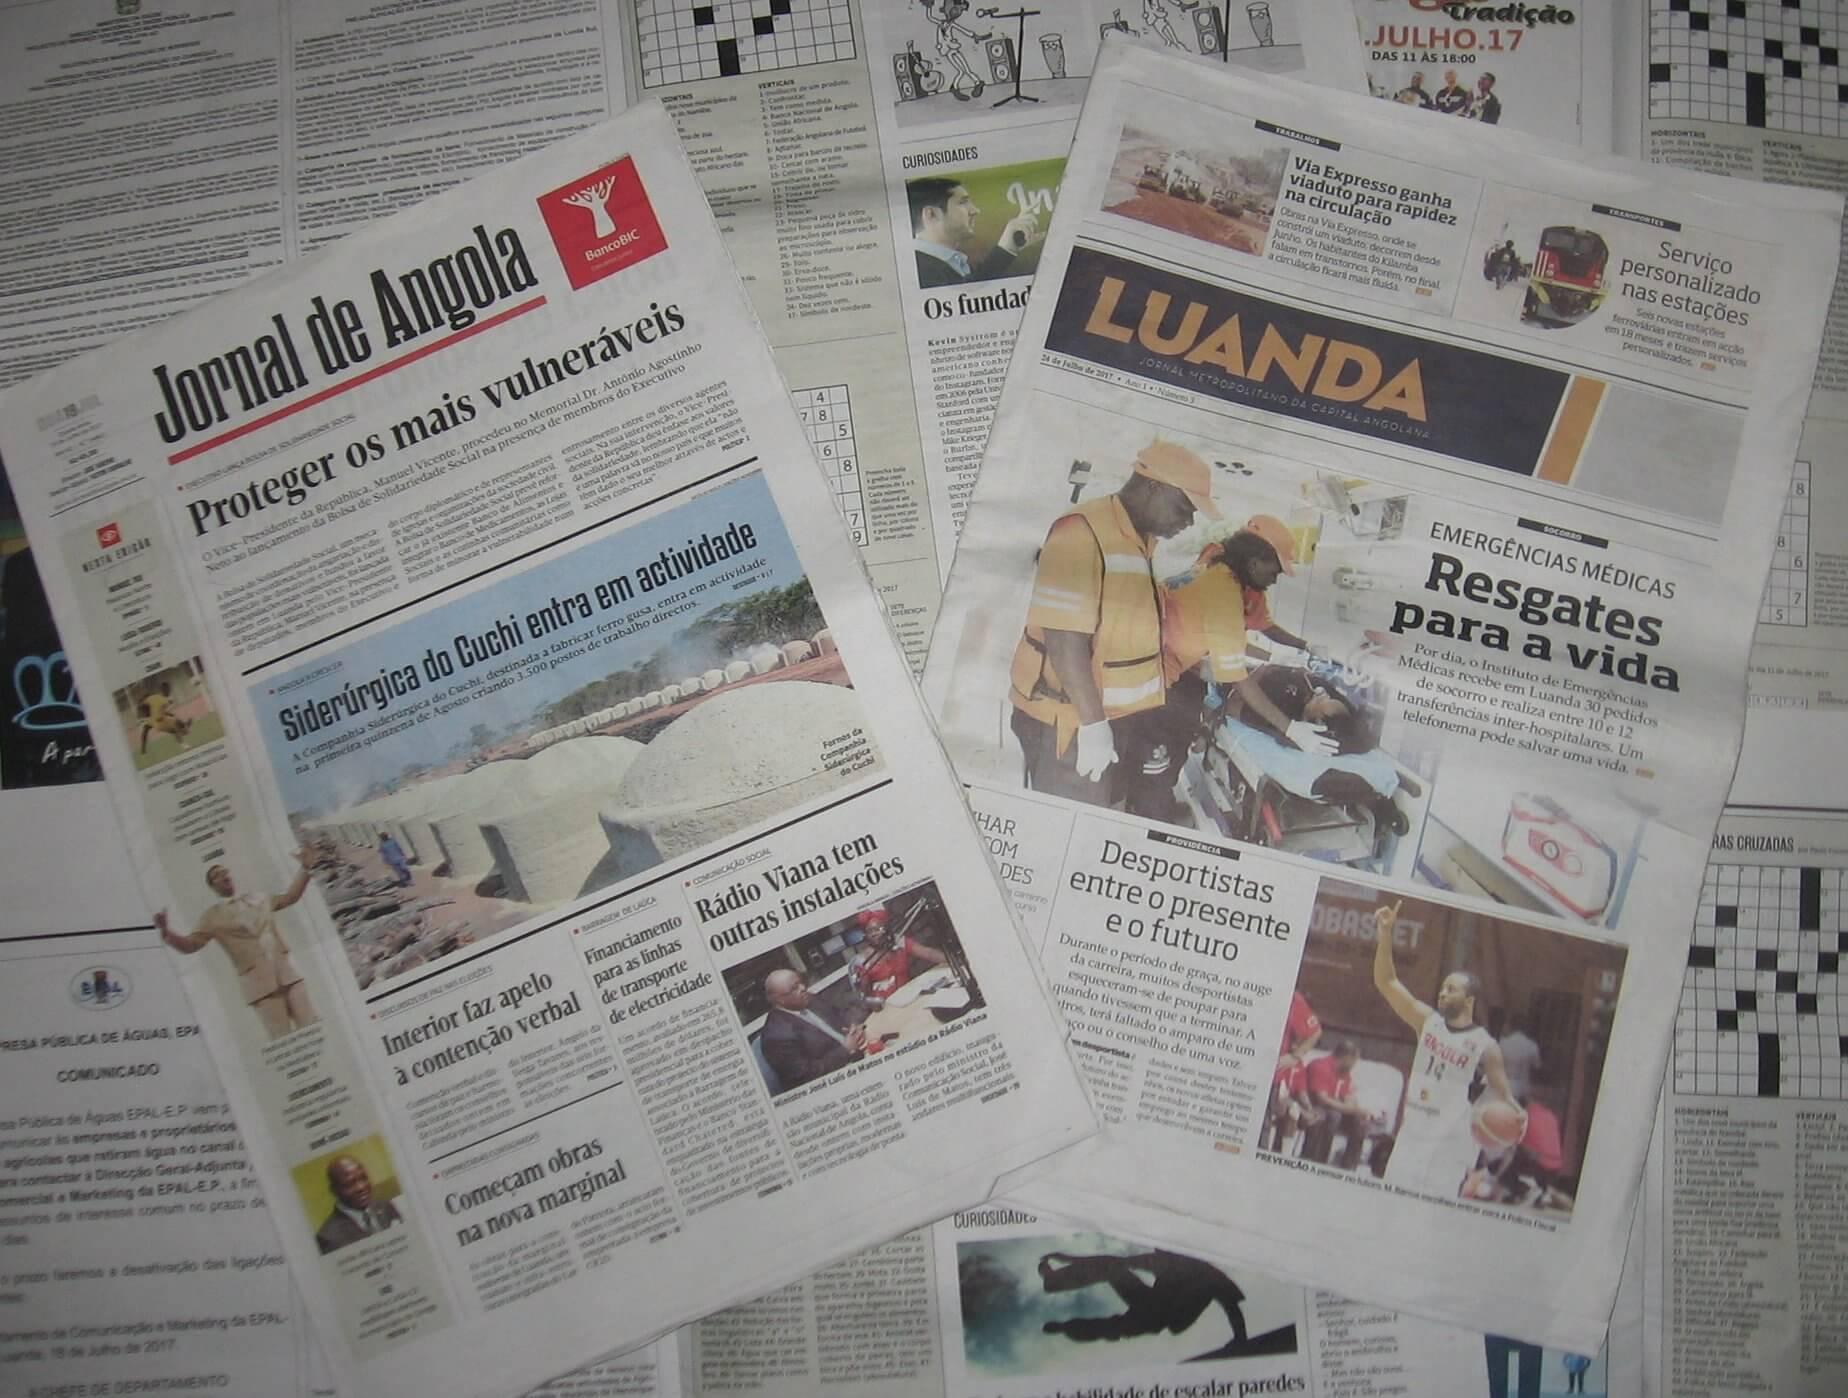 Jornal de Angola Palavras Cruzadas